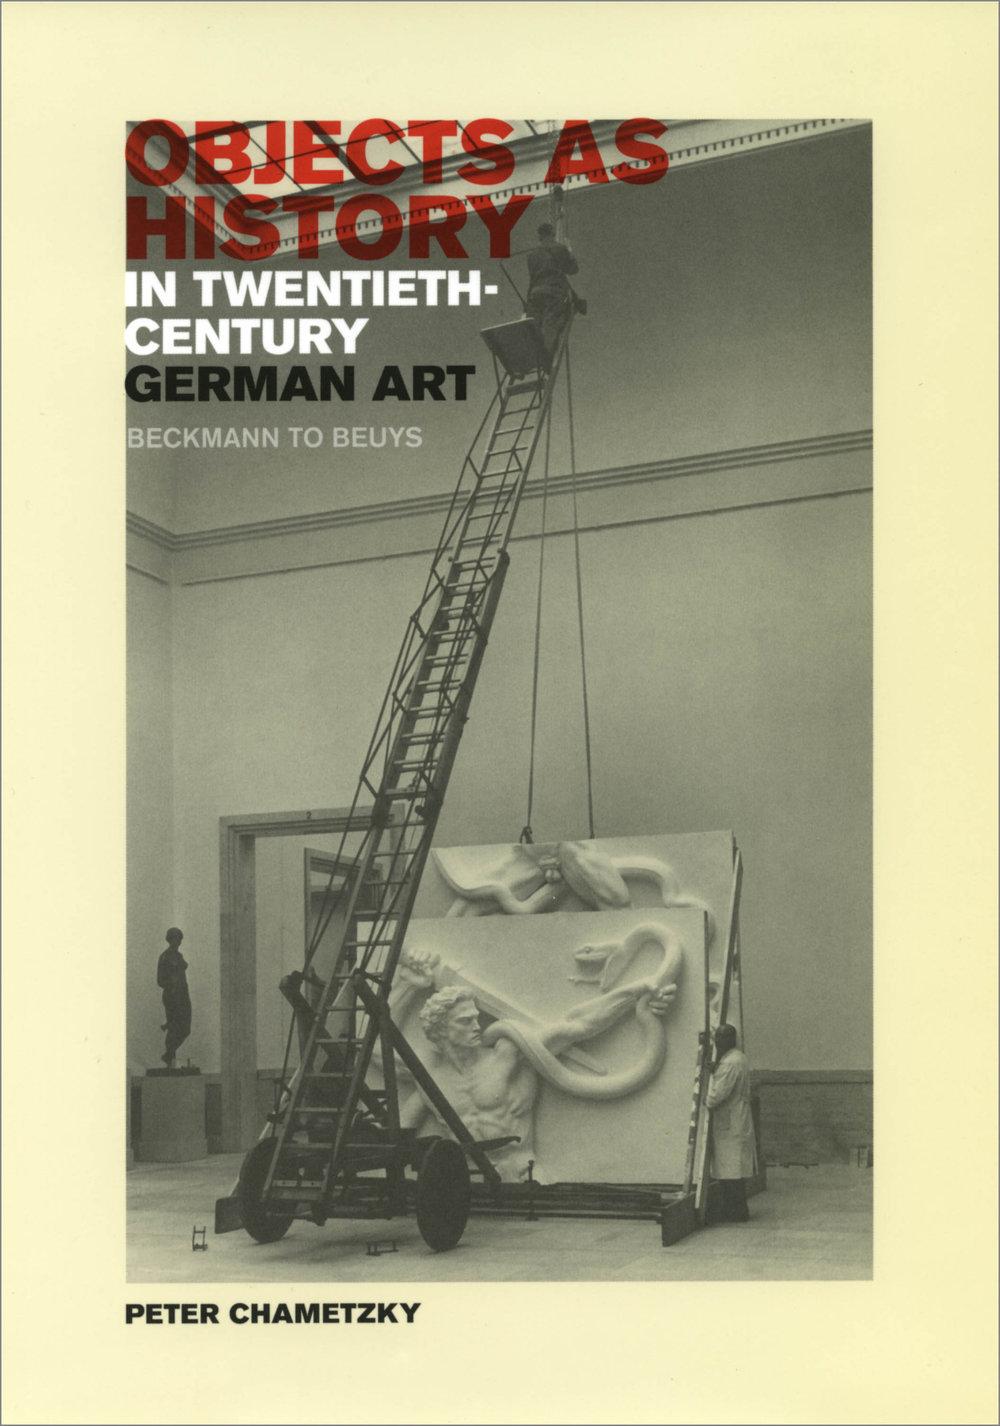 objects-as-history-in-twentieth-century-german-art.jpg